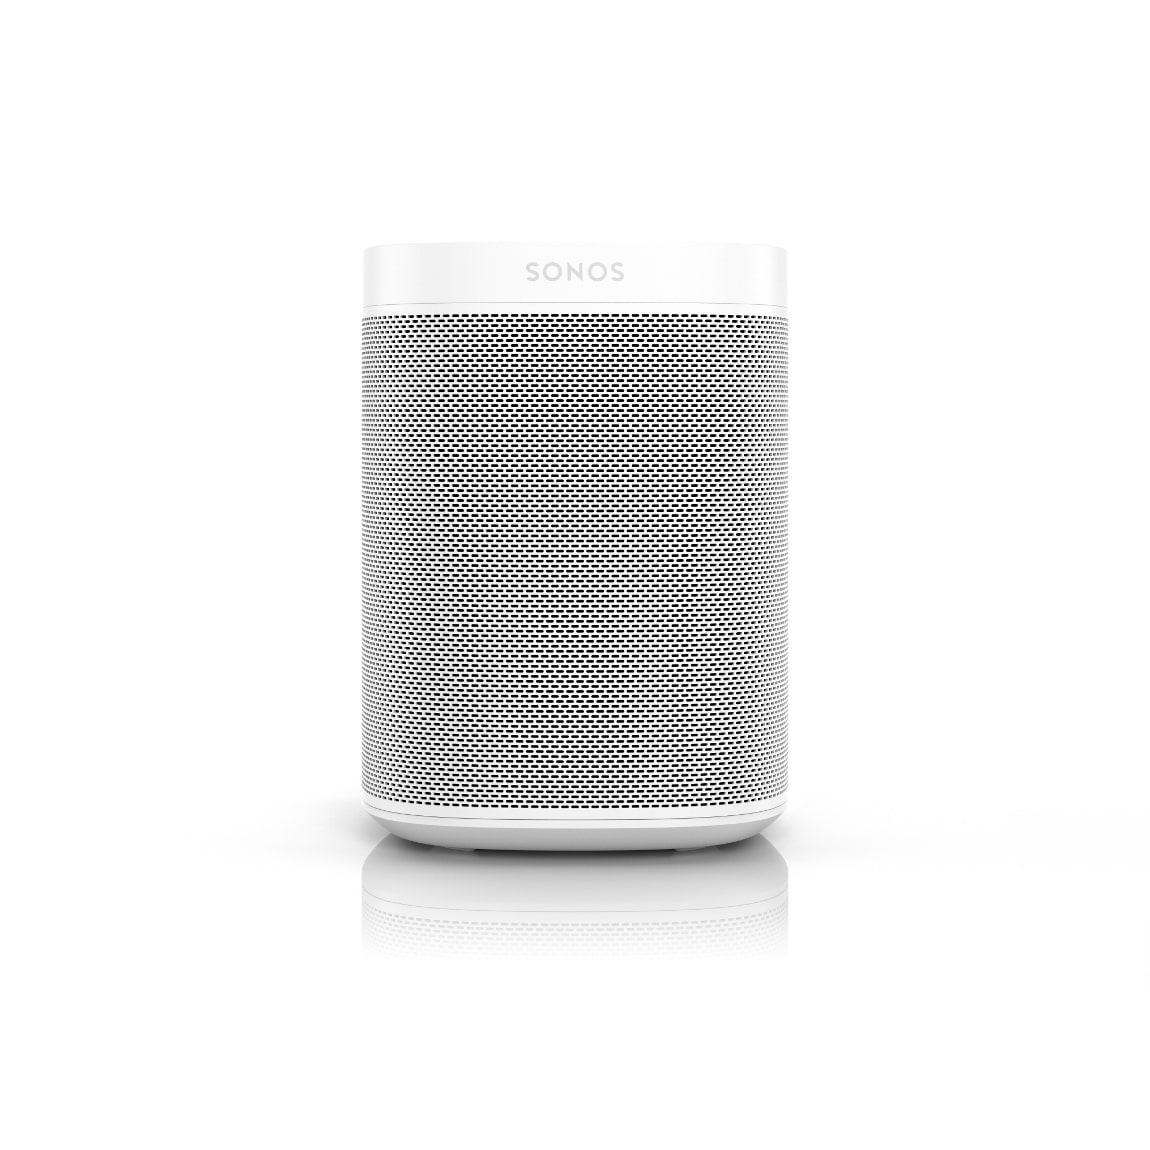 Sonos One Gen. 2 - Smart Speaker mit Sprachsteuerung - Weiß